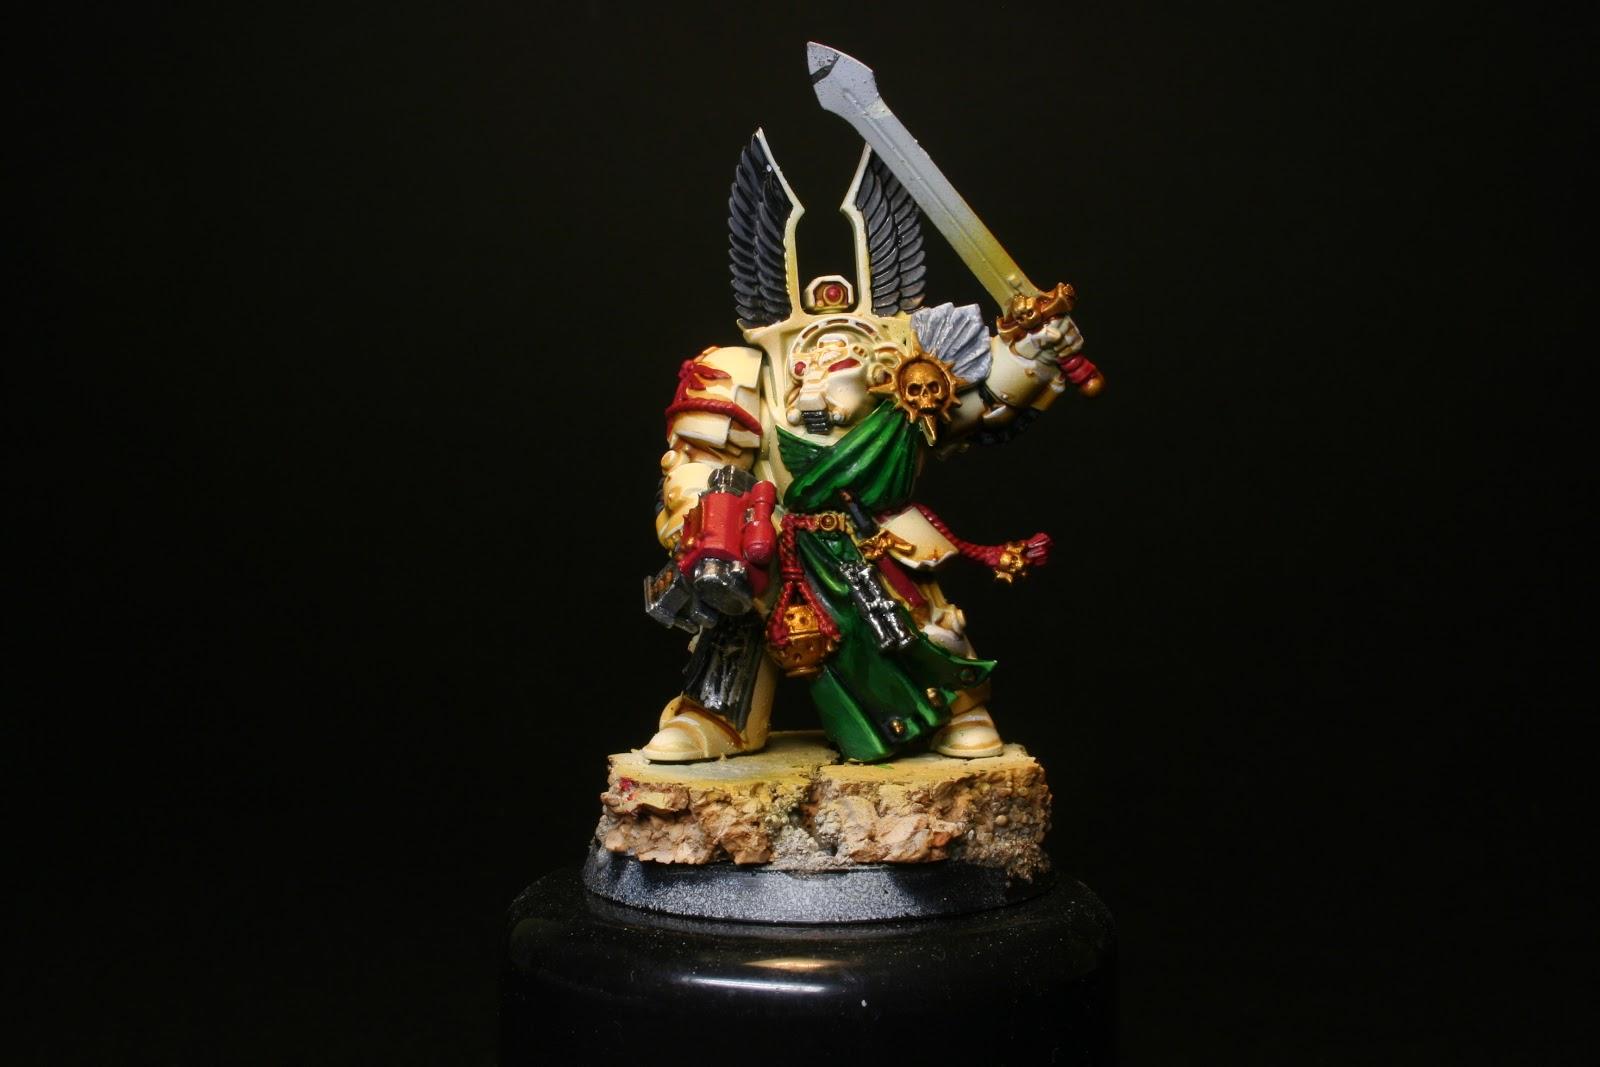 Luces en las plumas en los exterminador de los Ángeles Oscuros de la caja de Warhammer: Venganza Oscura